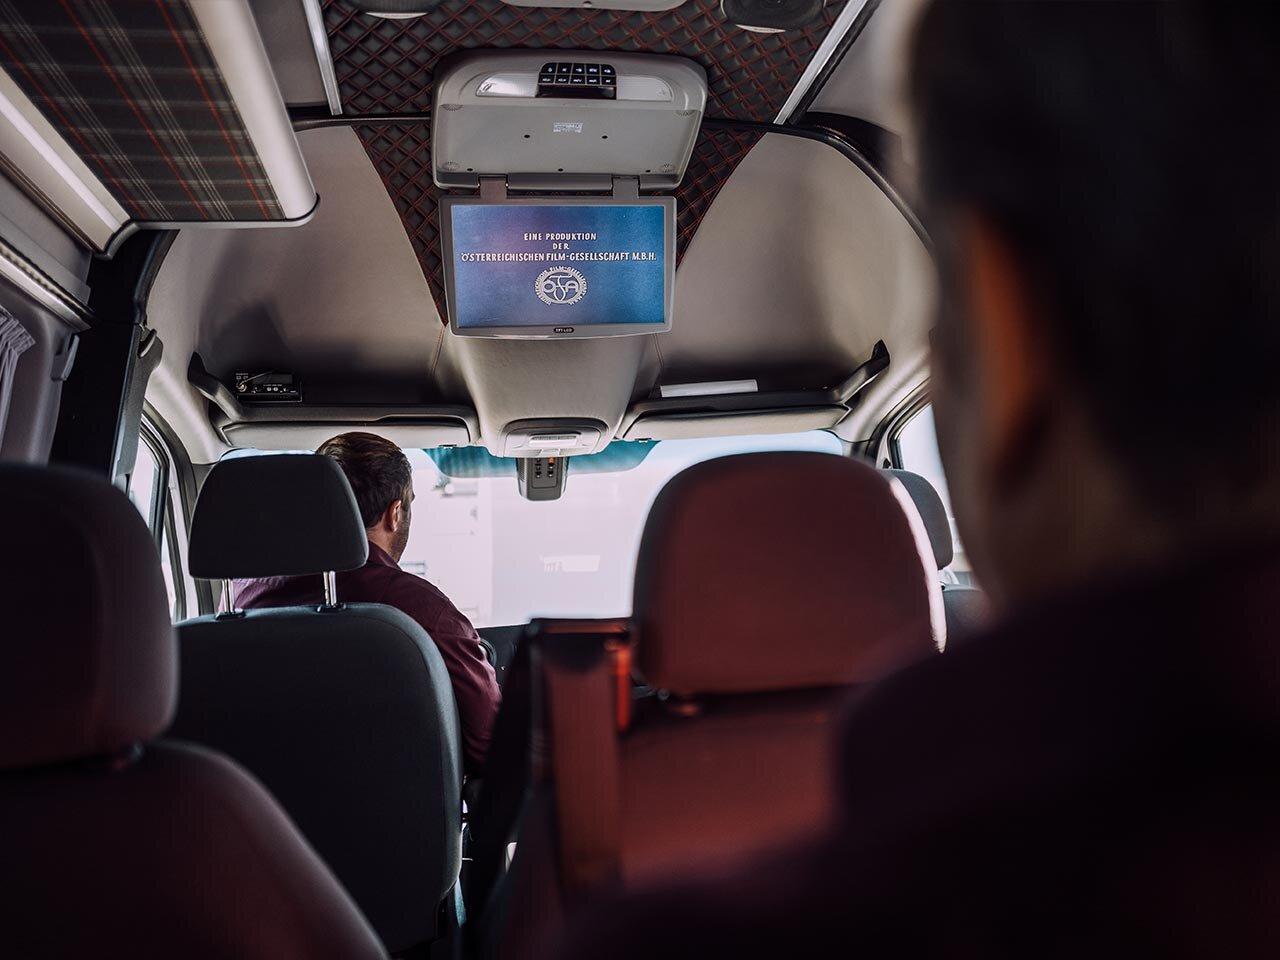 Weitere Fahrten - Krankenfahrten und Dialysefahrten übernehmen wir ebenso gerne wie Ausflugs- und Schulfahrten oder Zubringerfahrten zu Kreuzfahrtschiffen. Sprechen Sie uns einfach an!Jetzt mehr erfahren